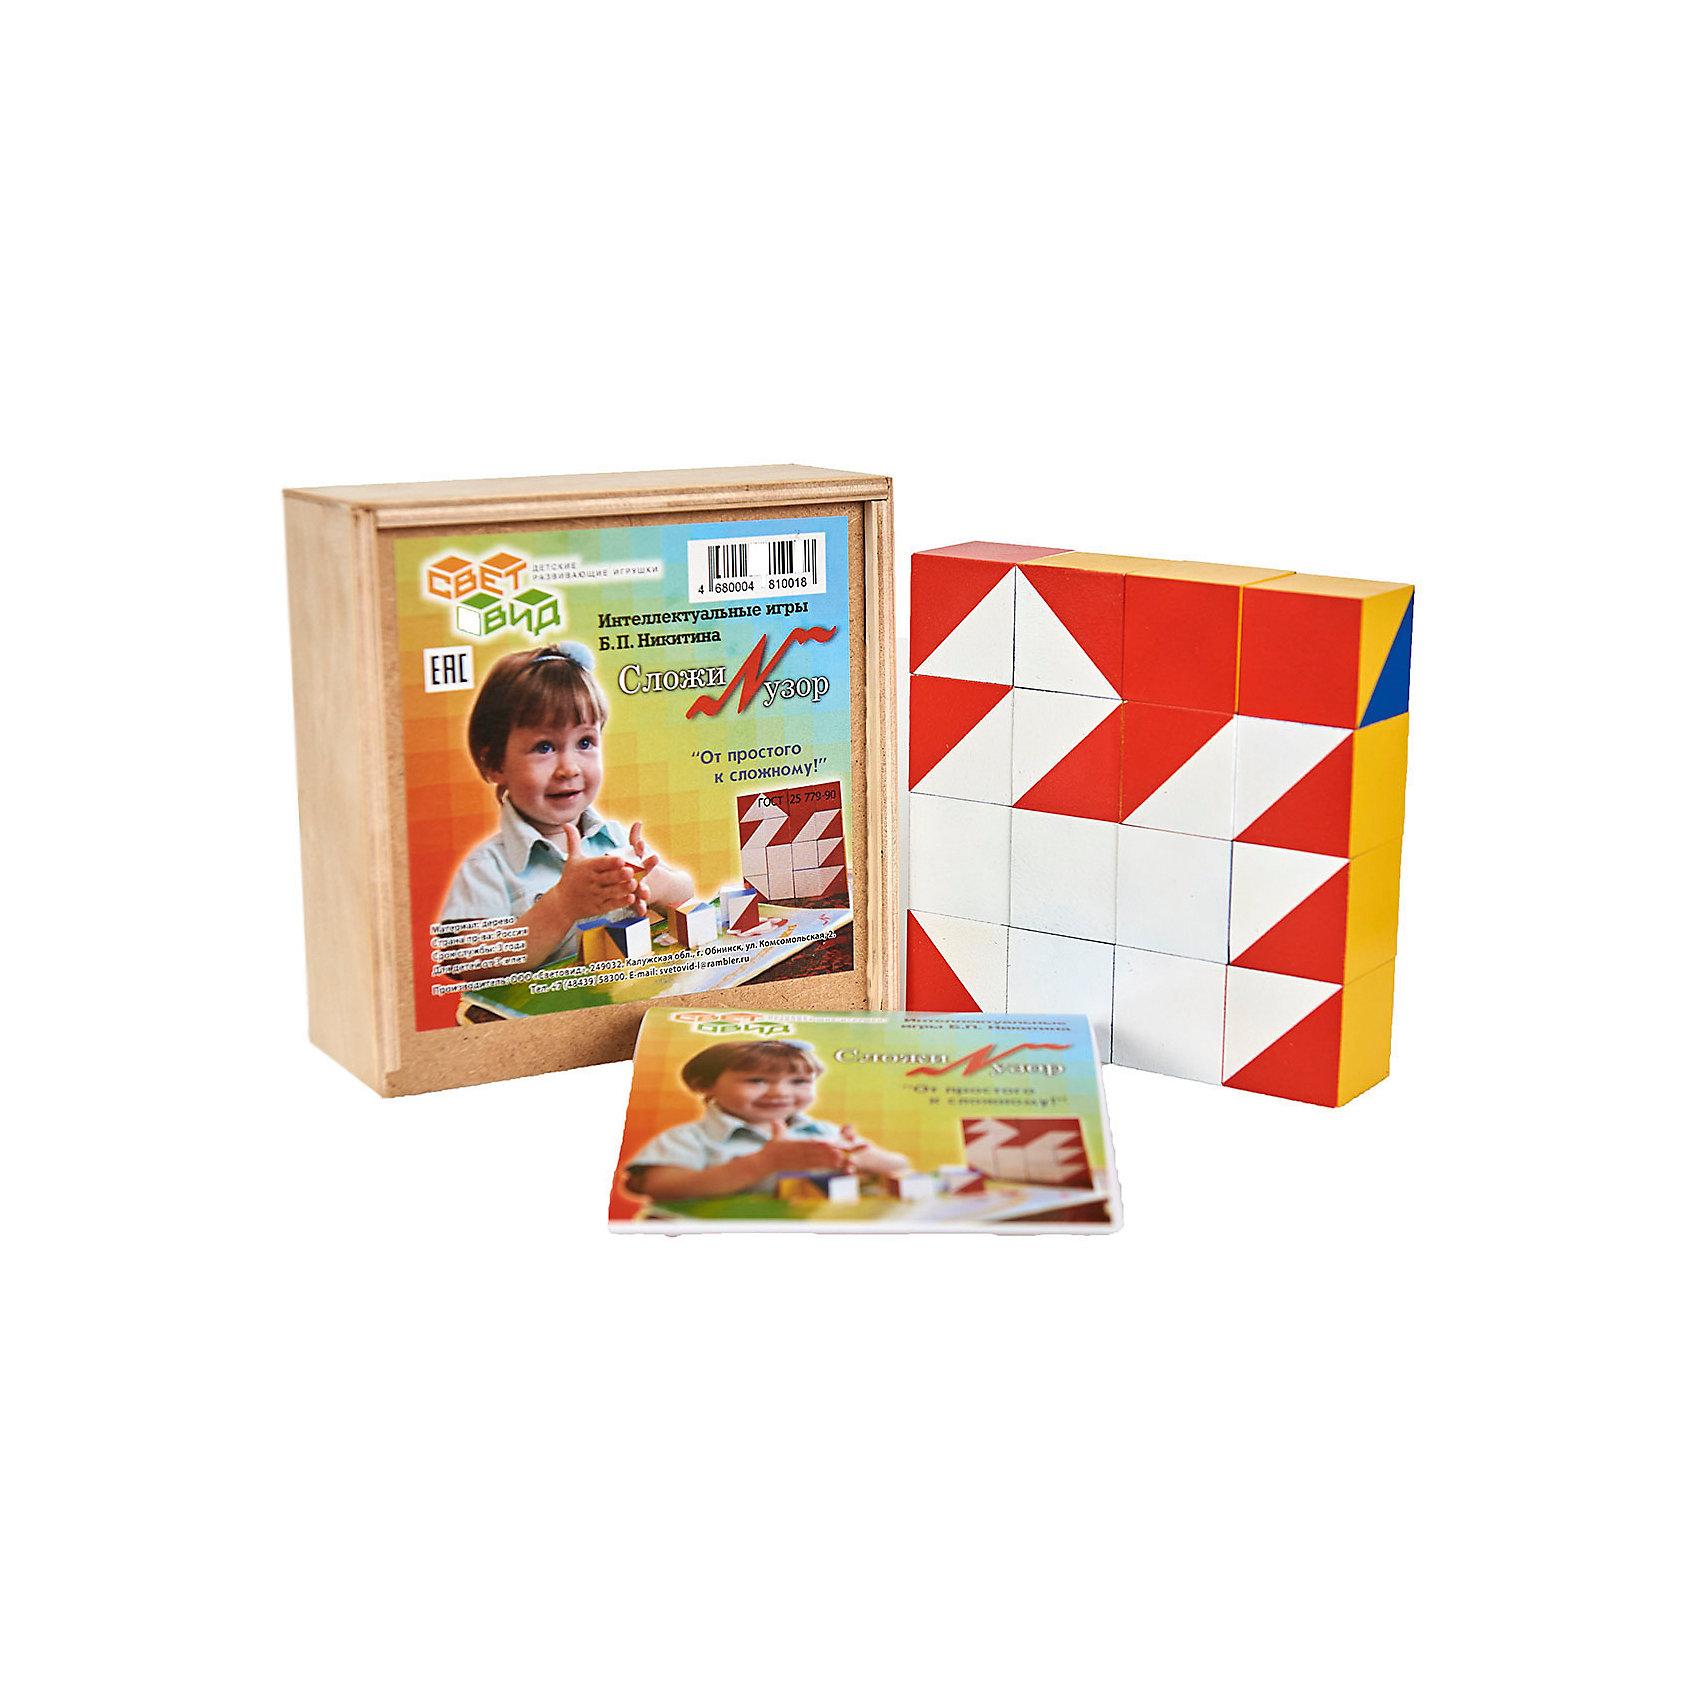 Сложи узор, (коробка фанера), СветовидРазвивающие игры<br>Игра состоит из 16 одинаковых кубиков. Все 6 граней каждого кубика окрашены по-разному в 4 цвета. Это позволяет составлять из них 1-, 2-, 3- и даже 4-цветные узоры в громадном количестве вариантов. Эти узоры напоминают контуры различных предметов, картин, которым дети любят давать названия. В игре с кубиками дети выполняют 3 вида заданий.<br><br>Ширина мм: 138<br>Глубина мм: 138<br>Высота мм: 53<br>Вес г: 500<br>Возраст от месяцев: 36<br>Возраст до месяцев: 2147483647<br>Пол: Унисекс<br>Возраст: Детский<br>SKU: 6894274